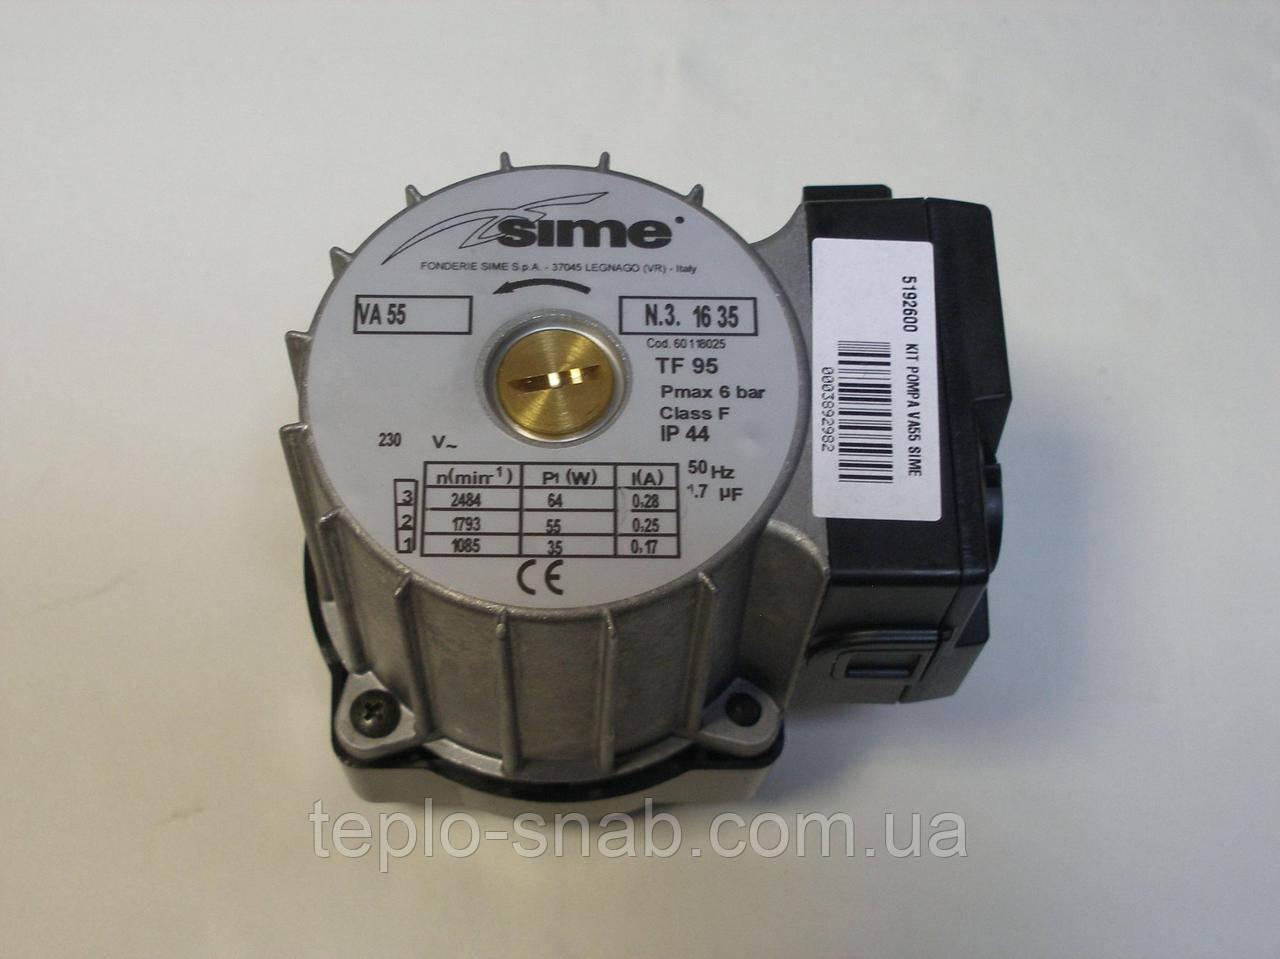 Циркуляційний насос газового котла Sime Format Zip 5. 5192600